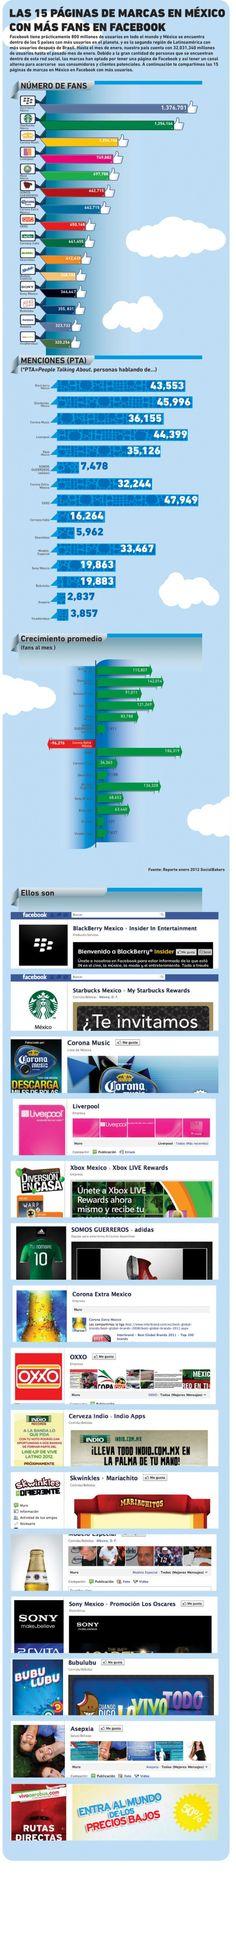 Las 15 páginas de Facebook en Mexico de más éxito